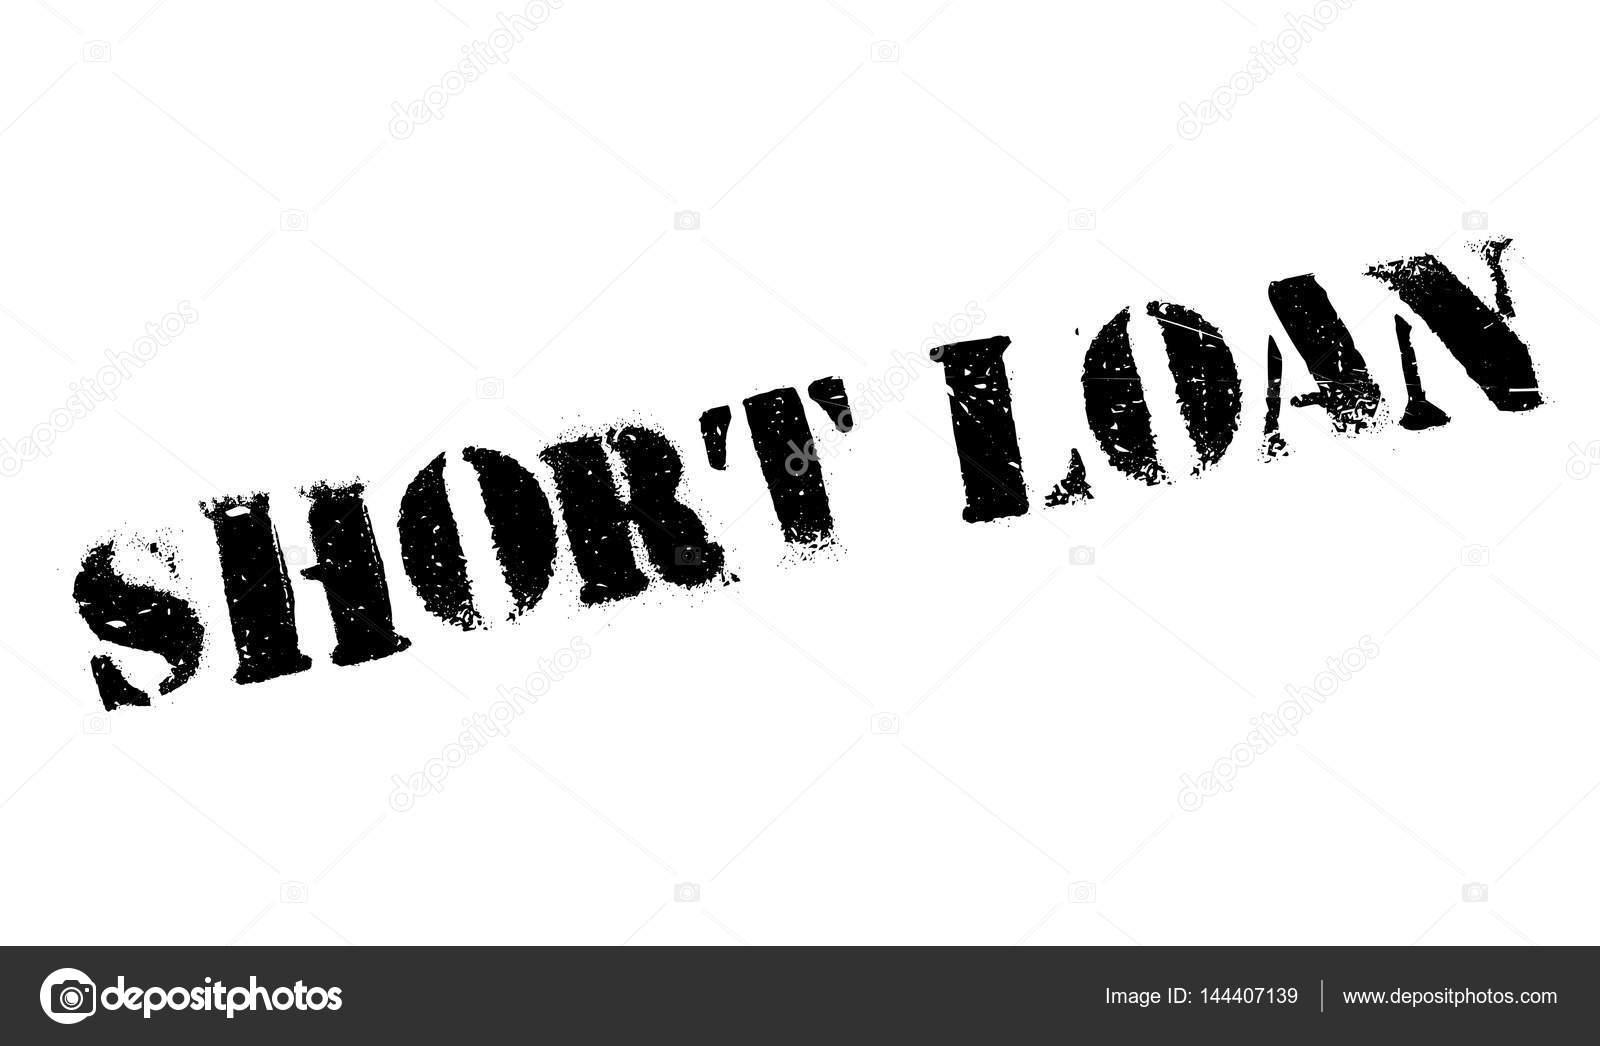 Půjčky do 1000 lv varna